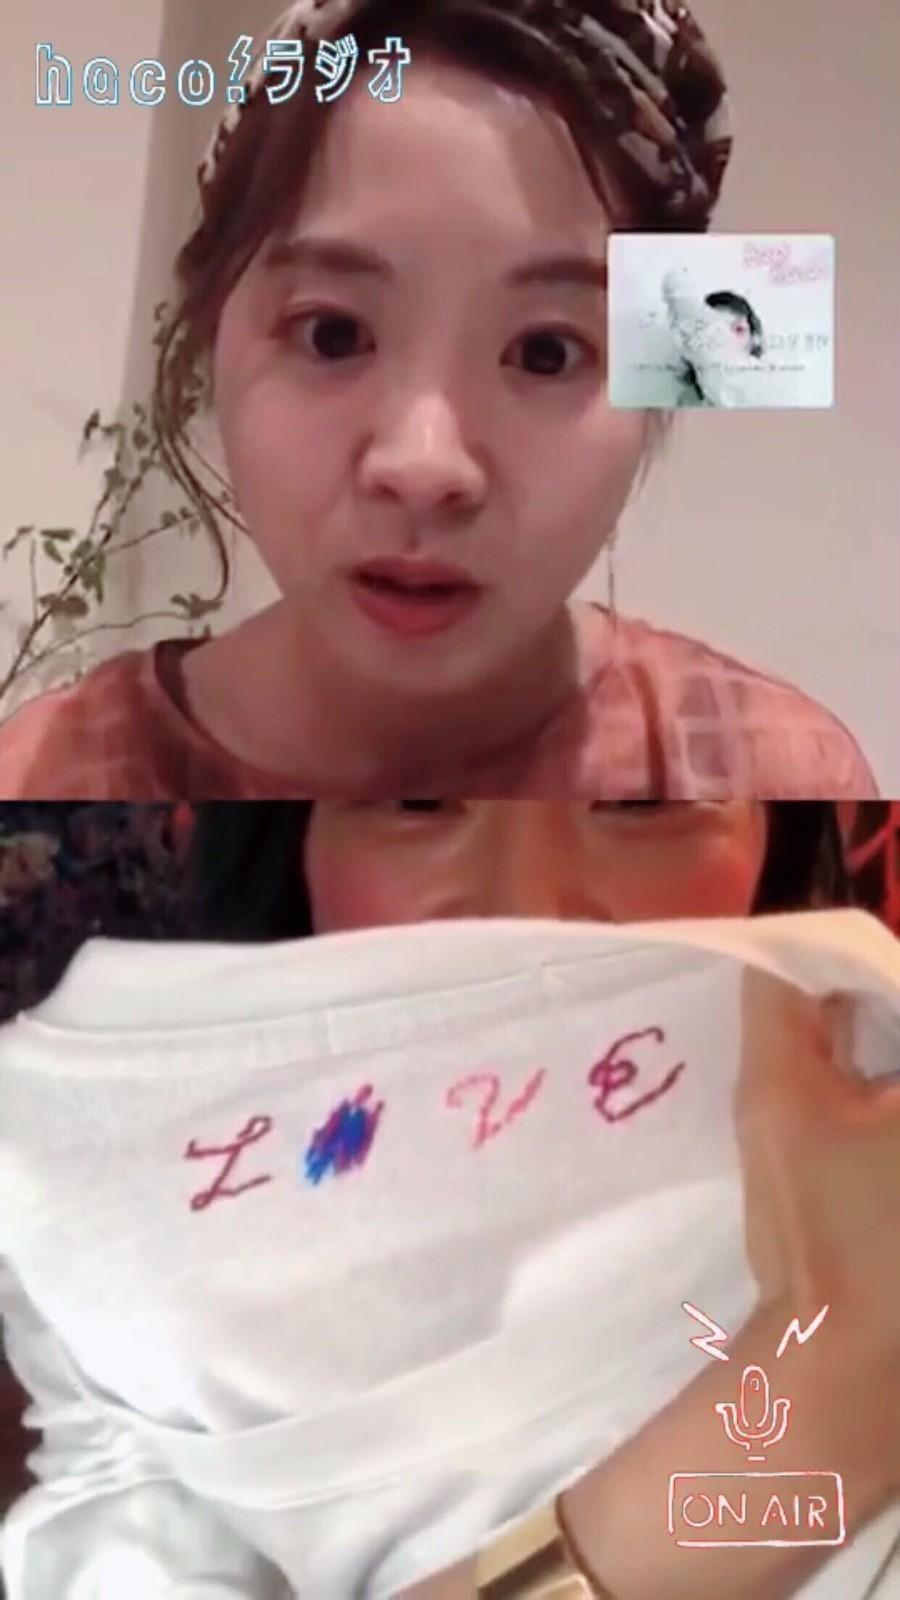 haco! haco! [haco! POST] 刺繍アーティスト二宮佐和子さんとみんなでワイワイ刺繍!zoom縫いワークショップ参加チケット 7/5・7/8開催<unique> <その他>の商品写真10